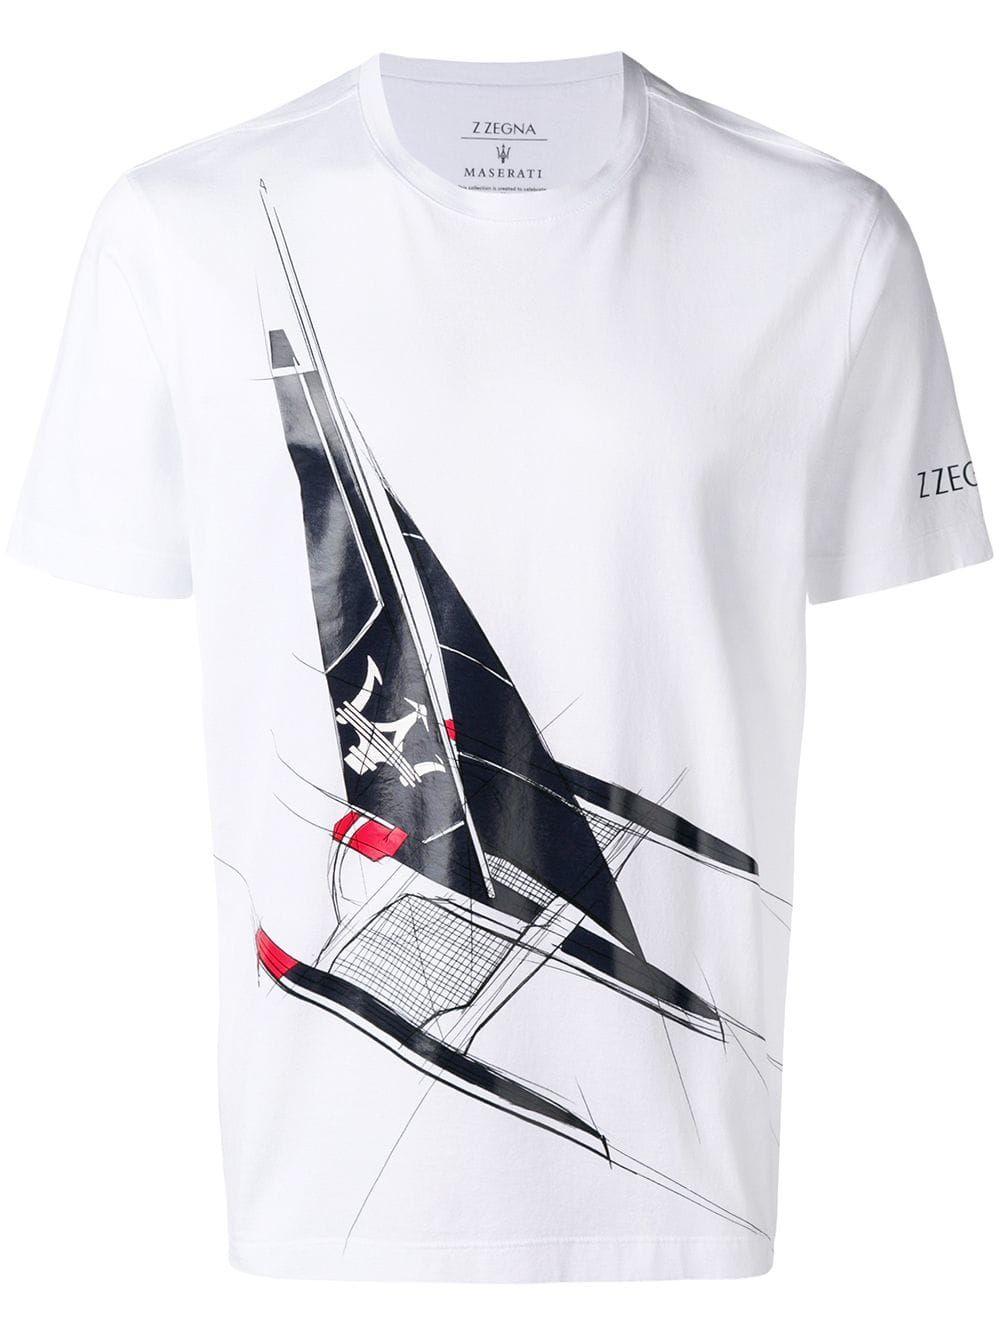 8c814e29 Z ZEGNA Z ZEGNA MASERATI PRINT T-SHIRT - WHITE. #zzegna #cloth | Z ...